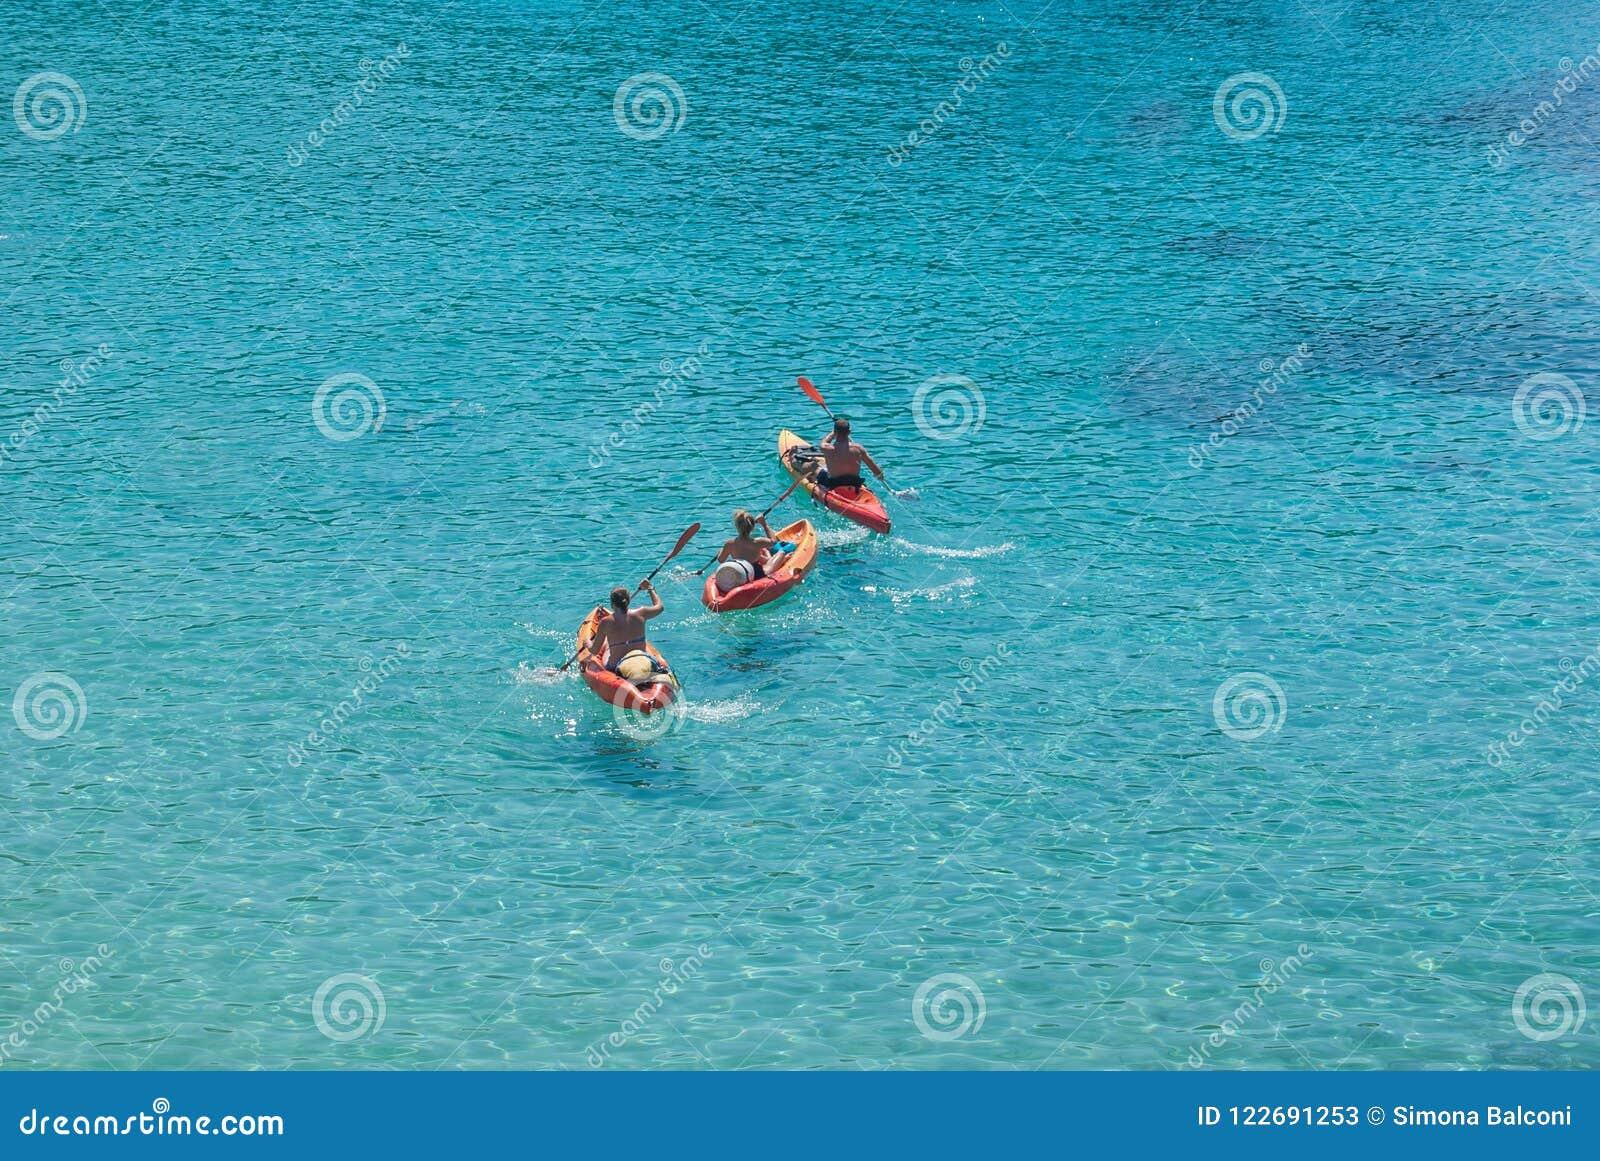 Trois adultes sur un rouge kayaks en mer